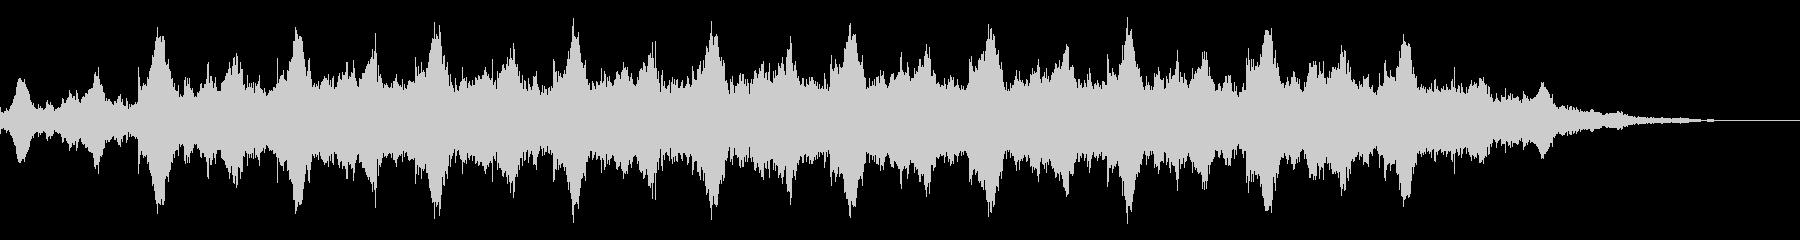 神秘的な雰囲気のアンビエント(背景音)4の未再生の波形